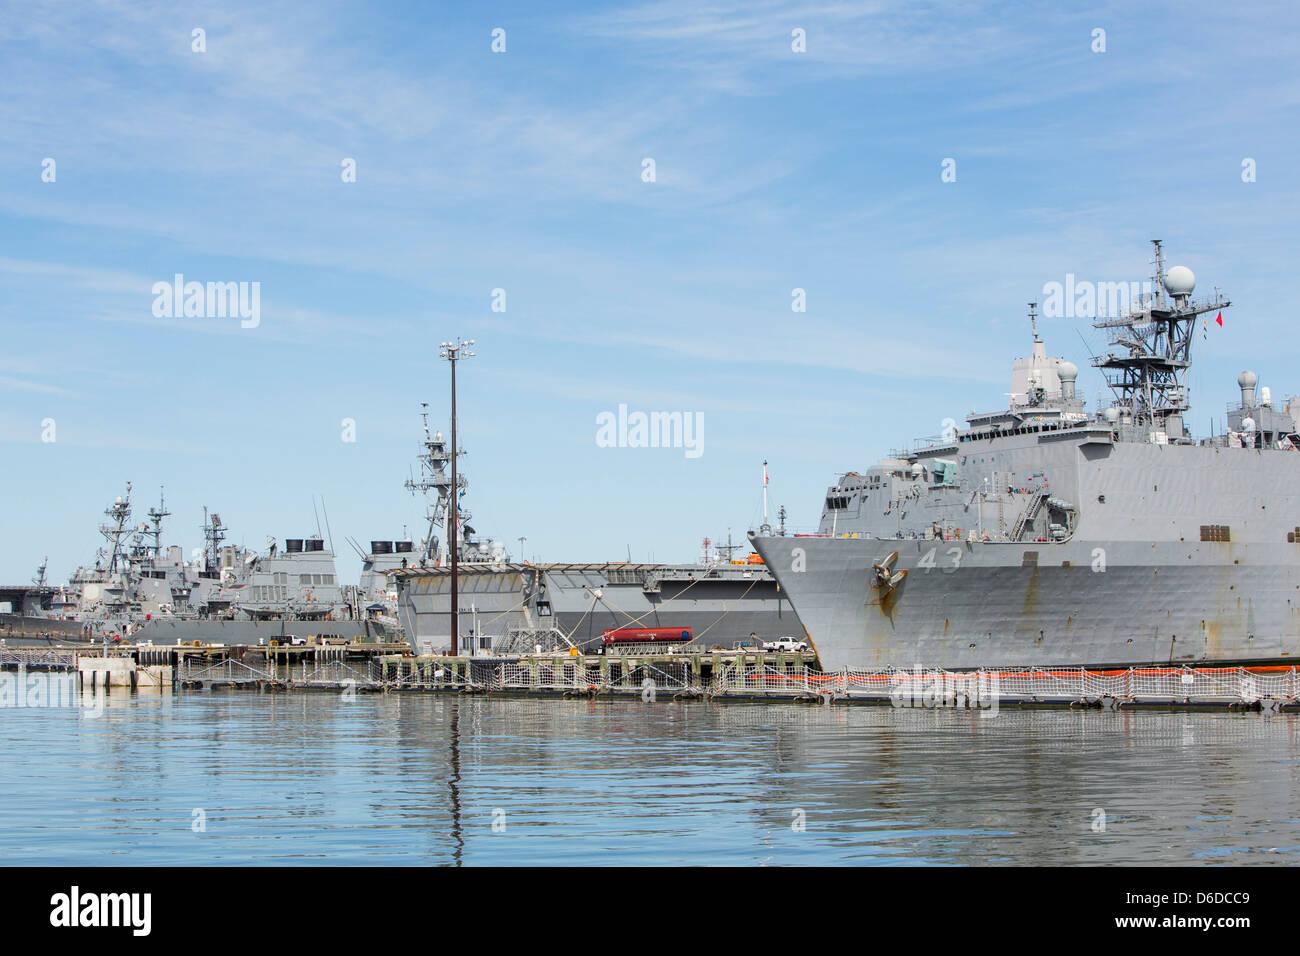 United States Navy Schiffe im Hafen von Naval Station Norfolk. Stockbild